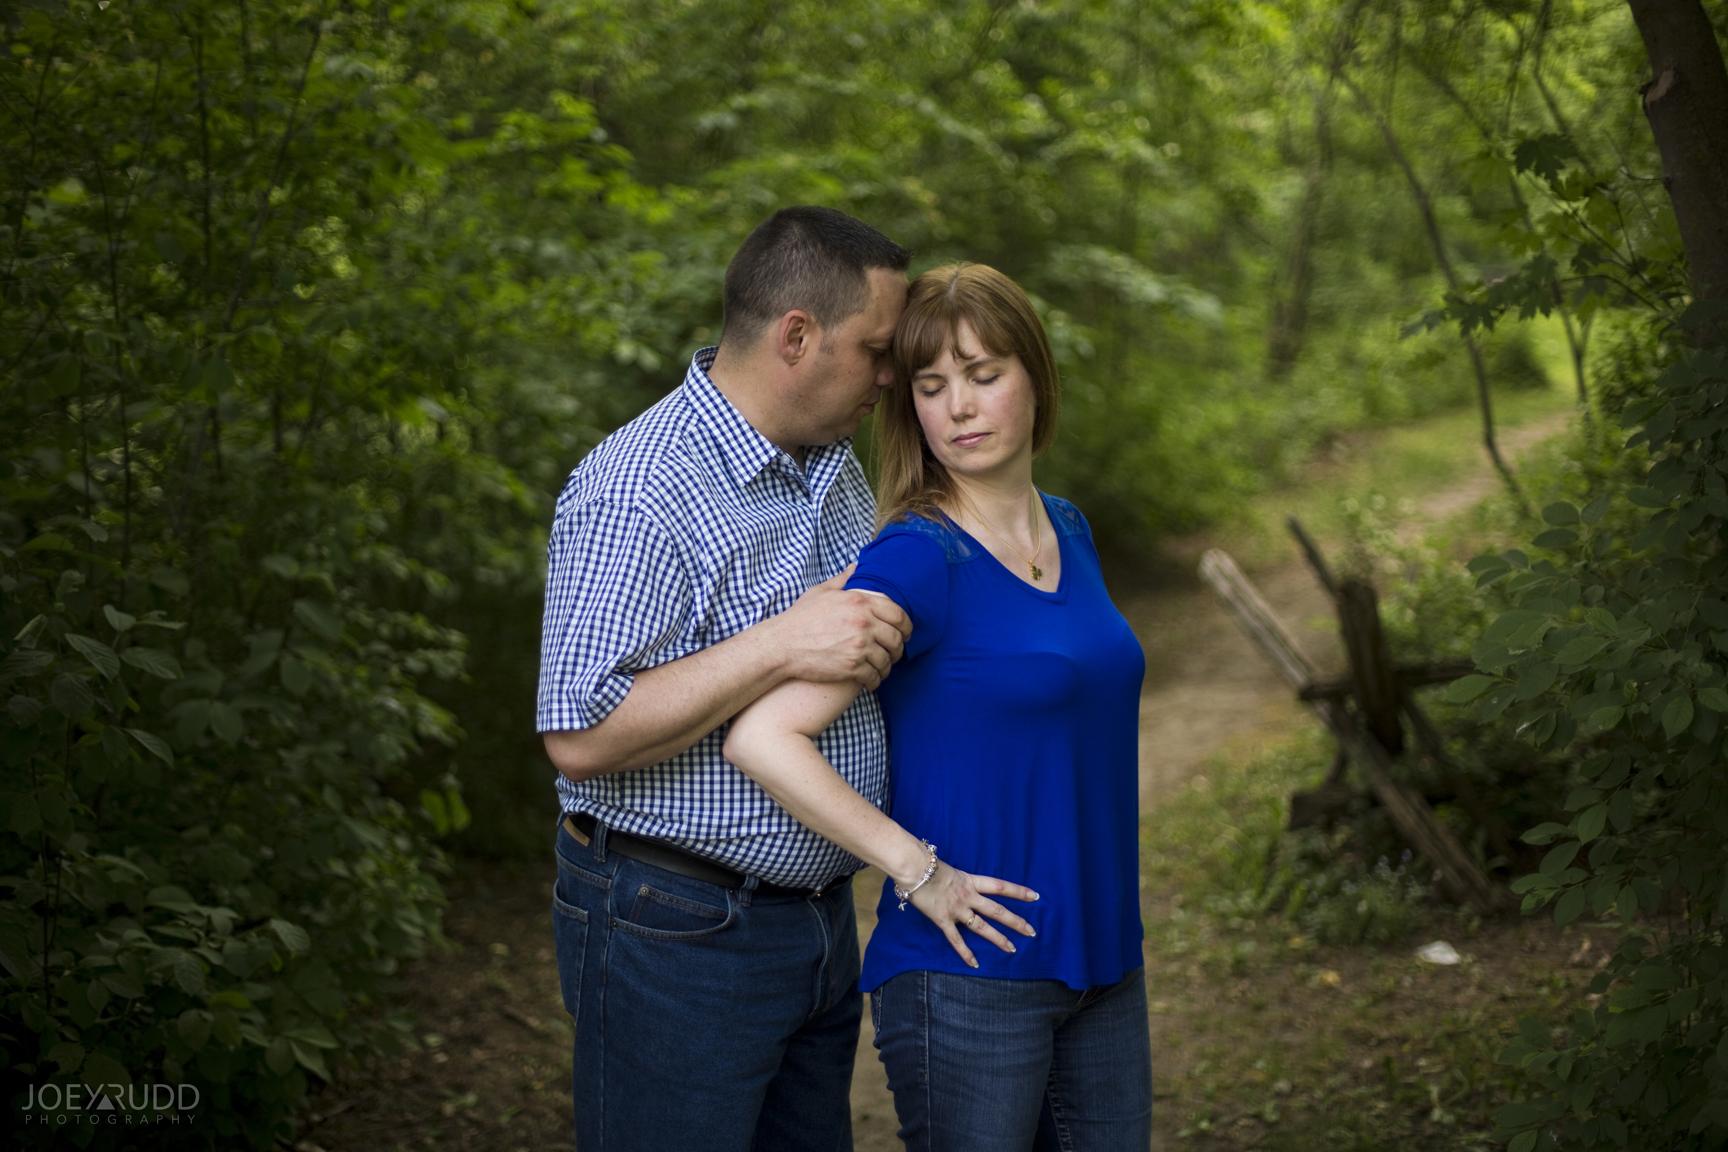 Manotick Engagement by Ottawa Wedding Photographer Joey Rudd Photography at Watsons Mill Path